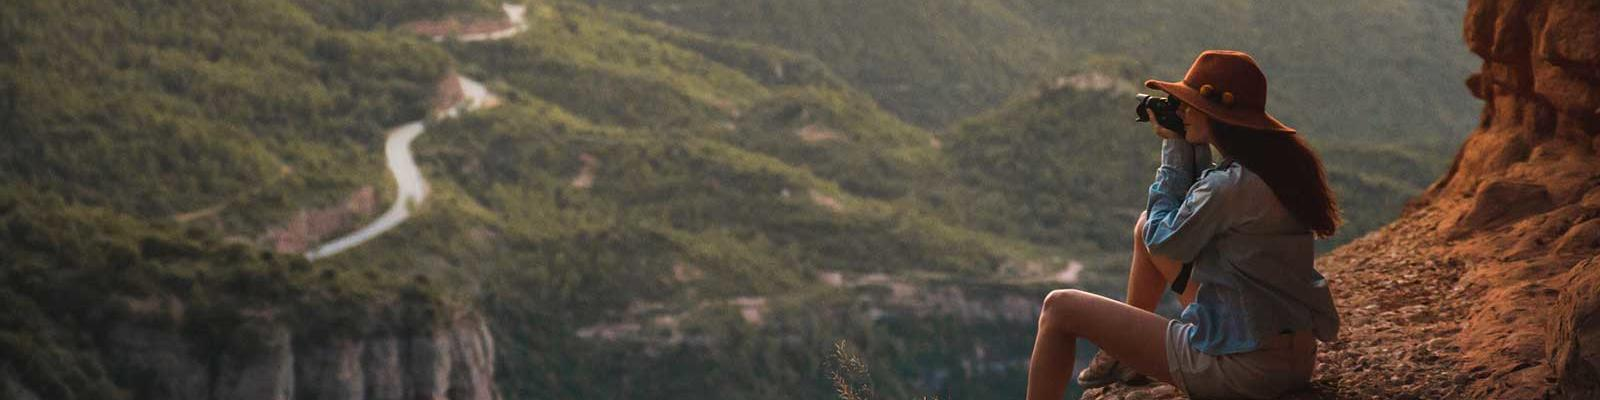 girl on mountain taking photo